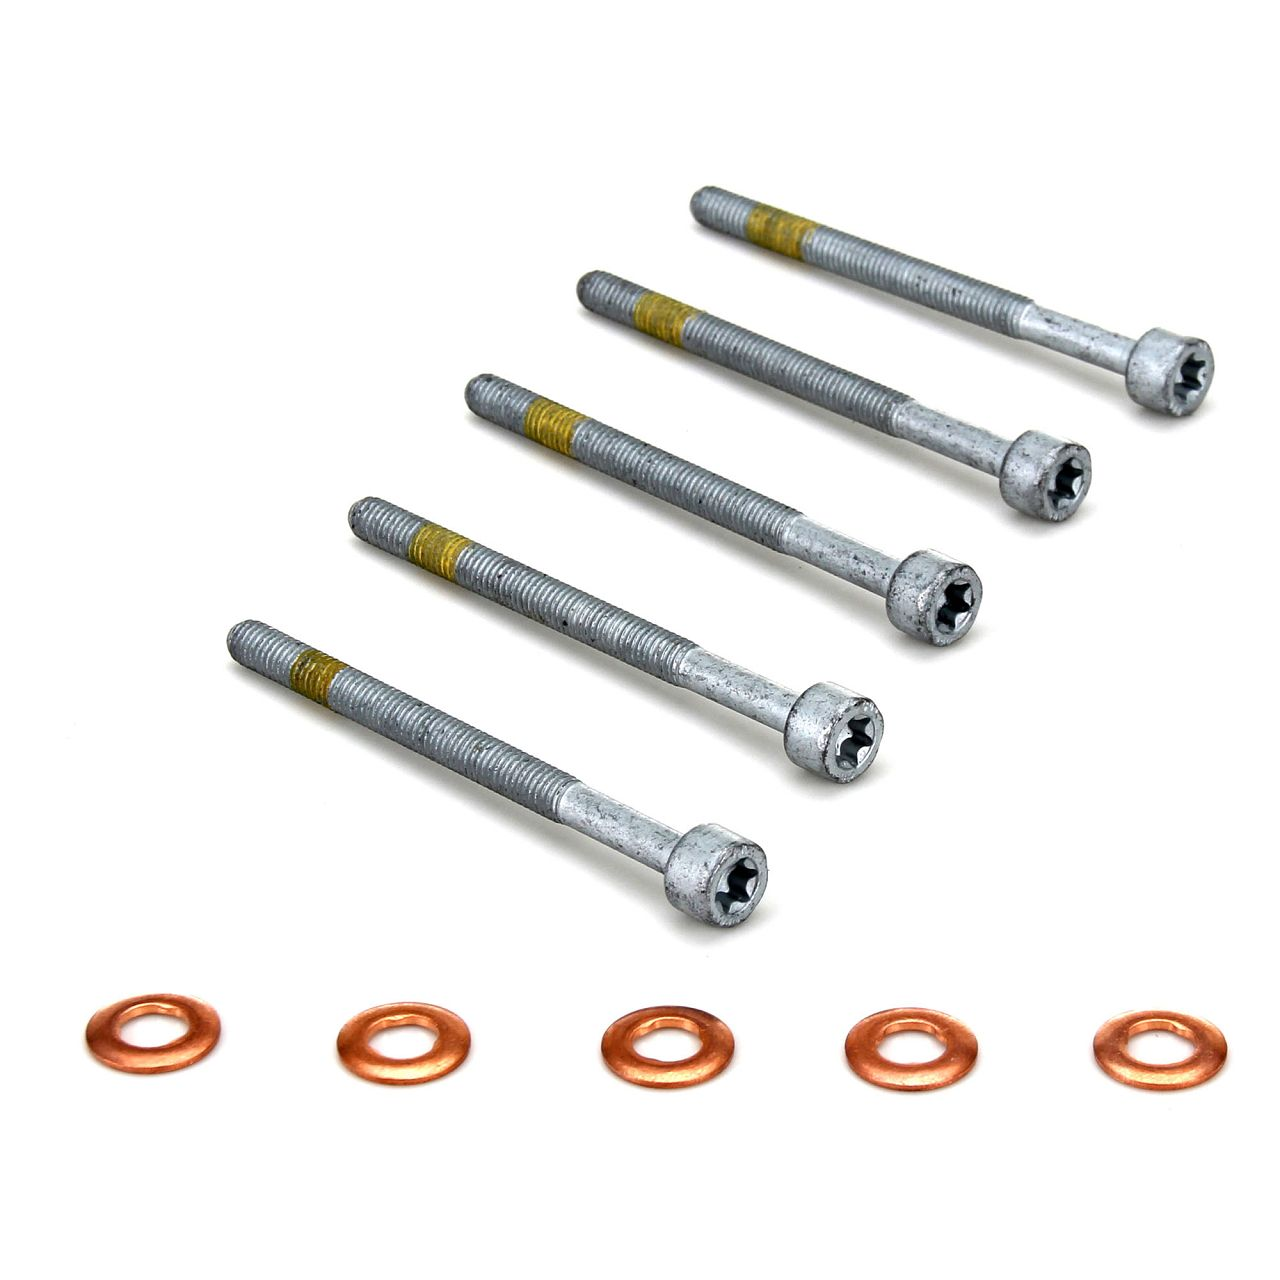 5x Zylinderschraube + Dichtringe für Einspritzdüse Injektor MERCEDES SMART CDI